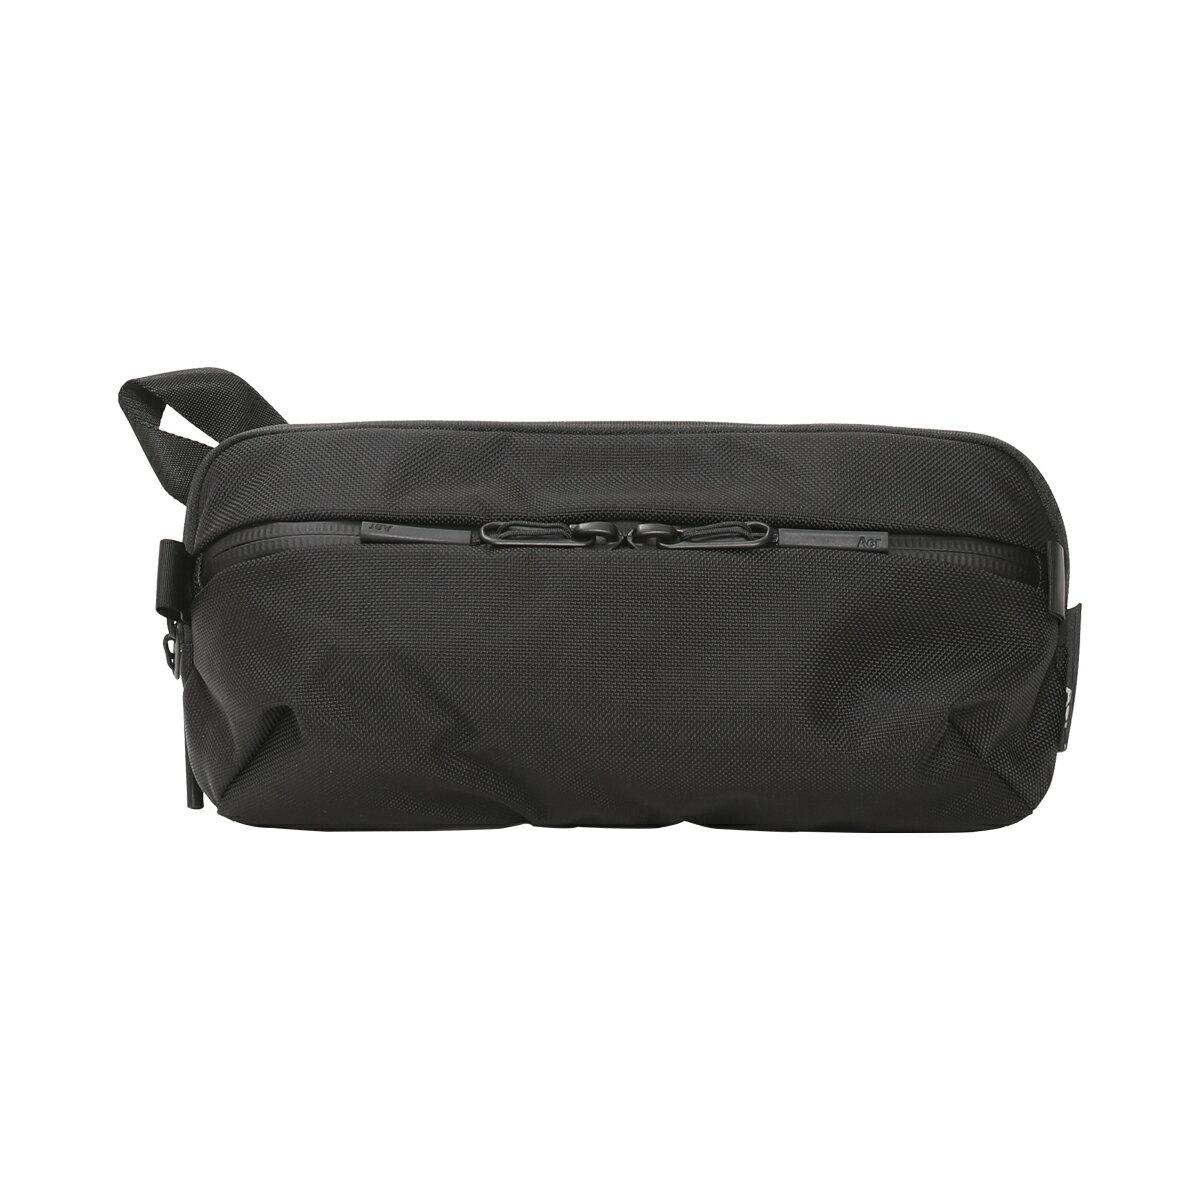 男女兼用バッグ, ボディバッグ・ウエストポーチ  Aer 2 Day Sling2 lms0021009-0010 BLACK